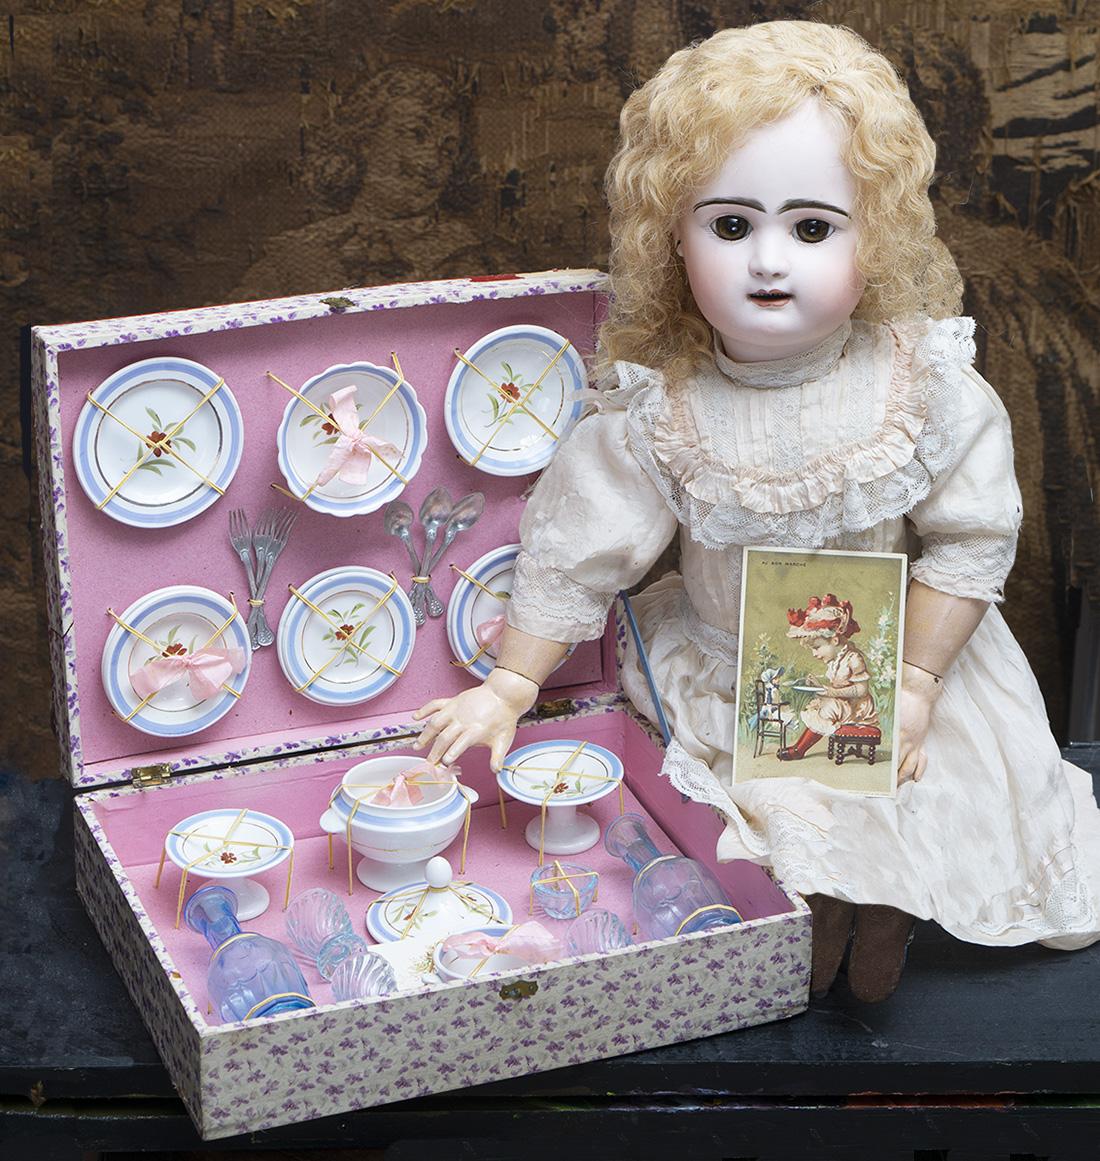 Оригинальный французский кукольный сервиз - Париж, 1890е годы